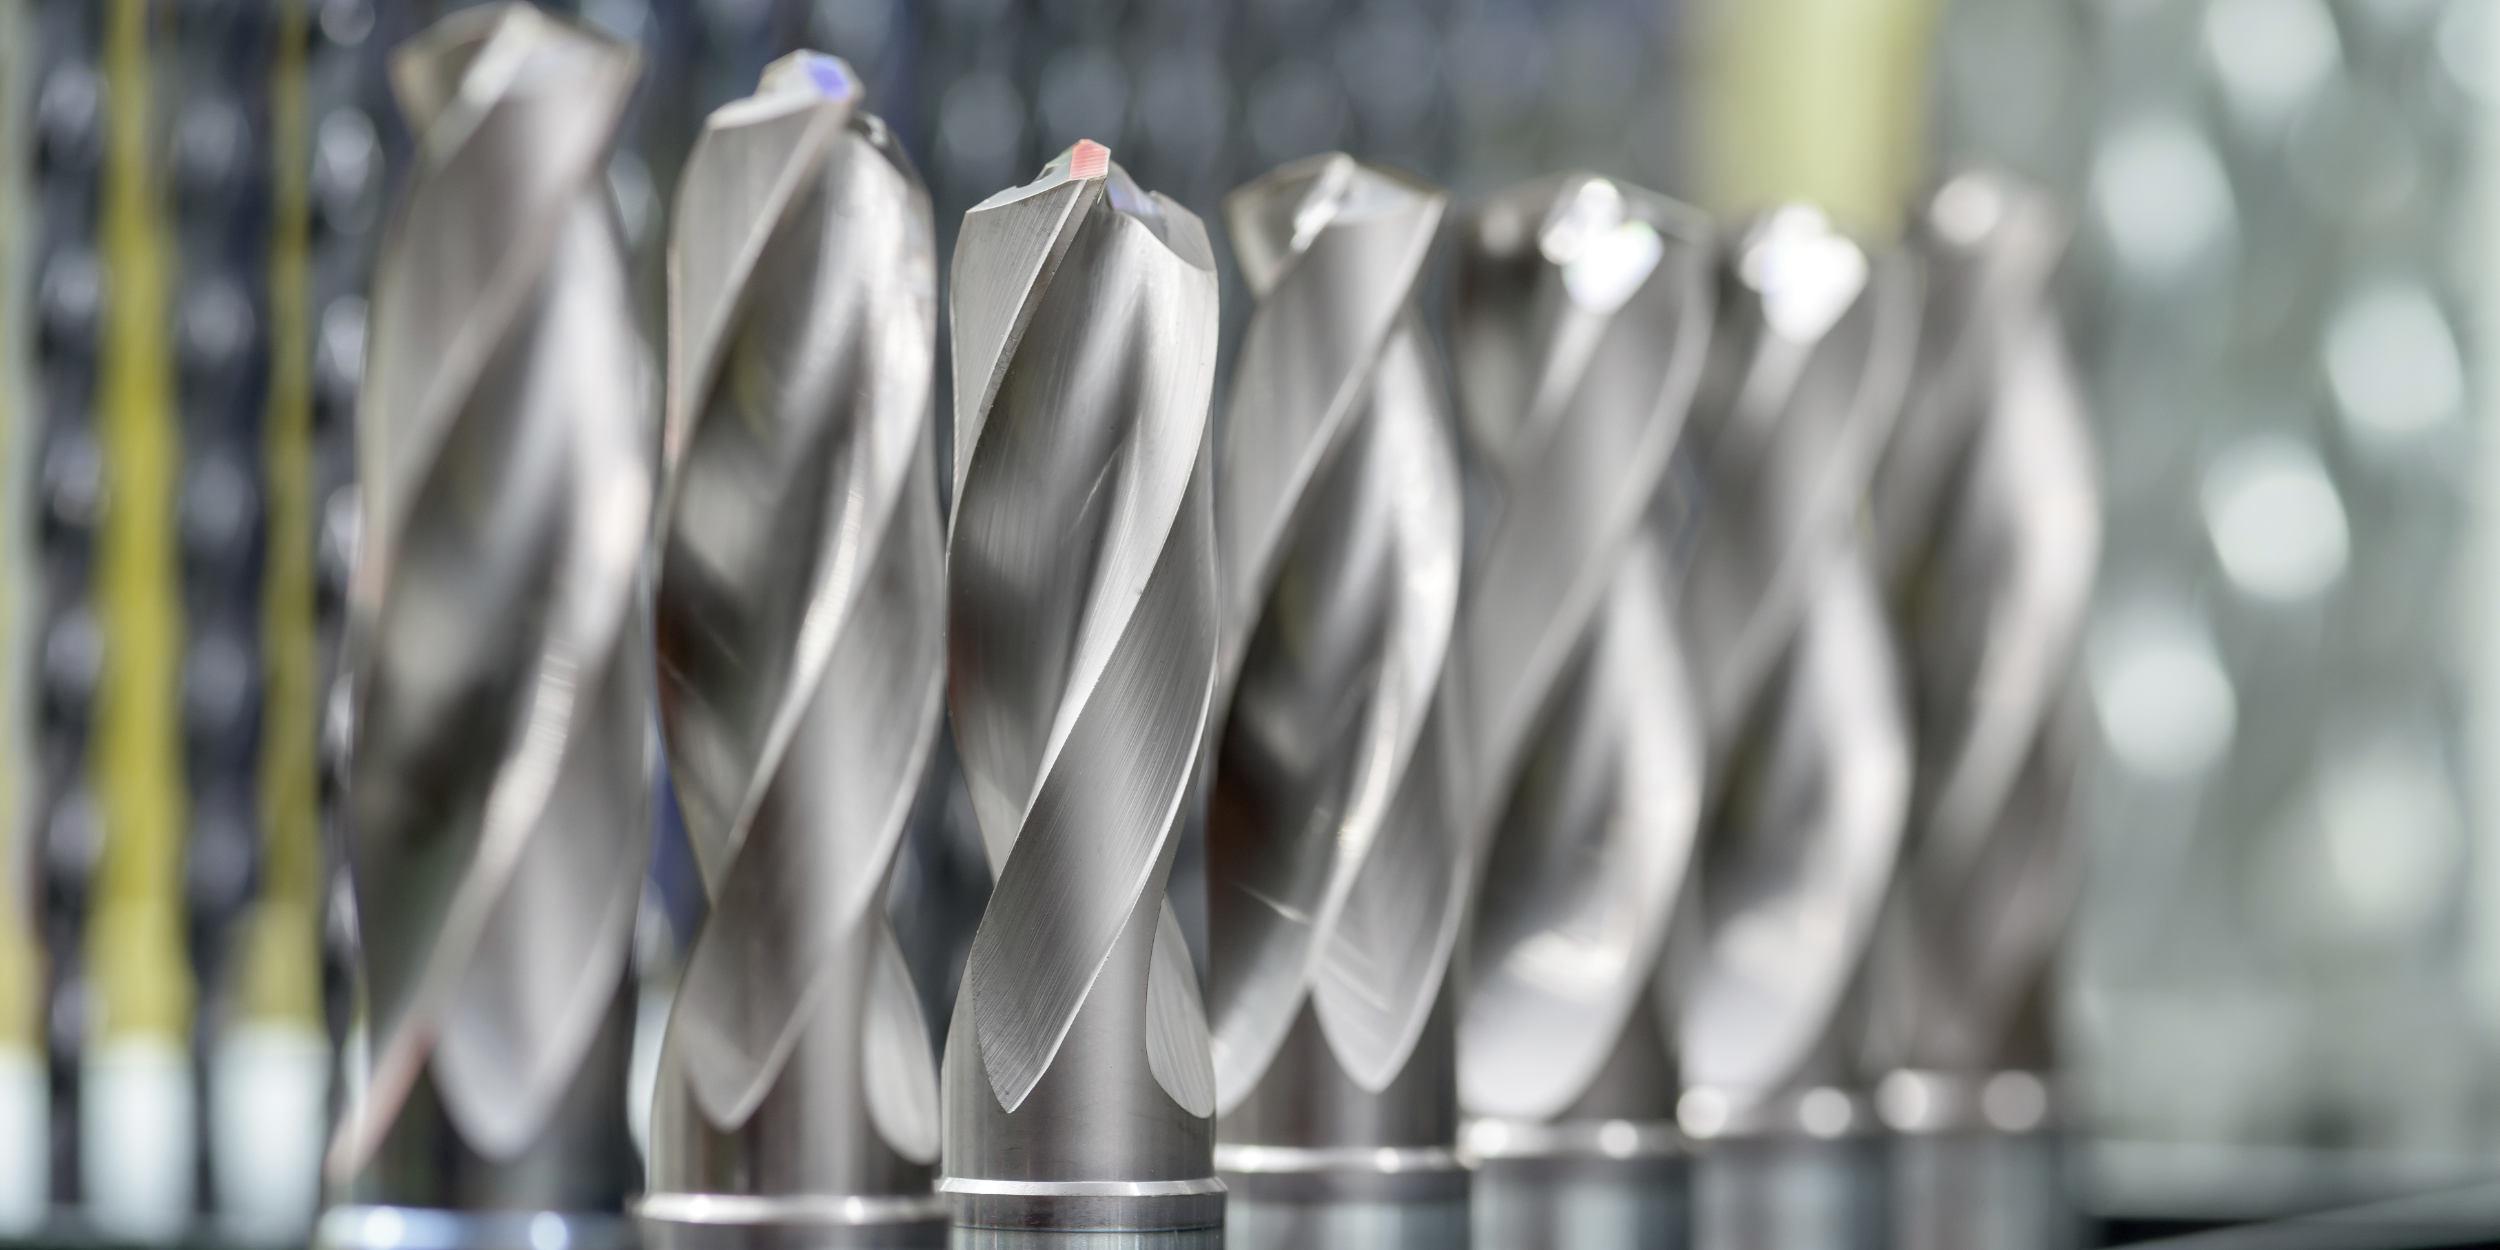 Industriefotografie Stuttgart und Umgebung Mercedes Benz Untertürkheim Instandsetzung Werkzeuge Präzision Schneidewerkzeuge Bohrwerkzeug